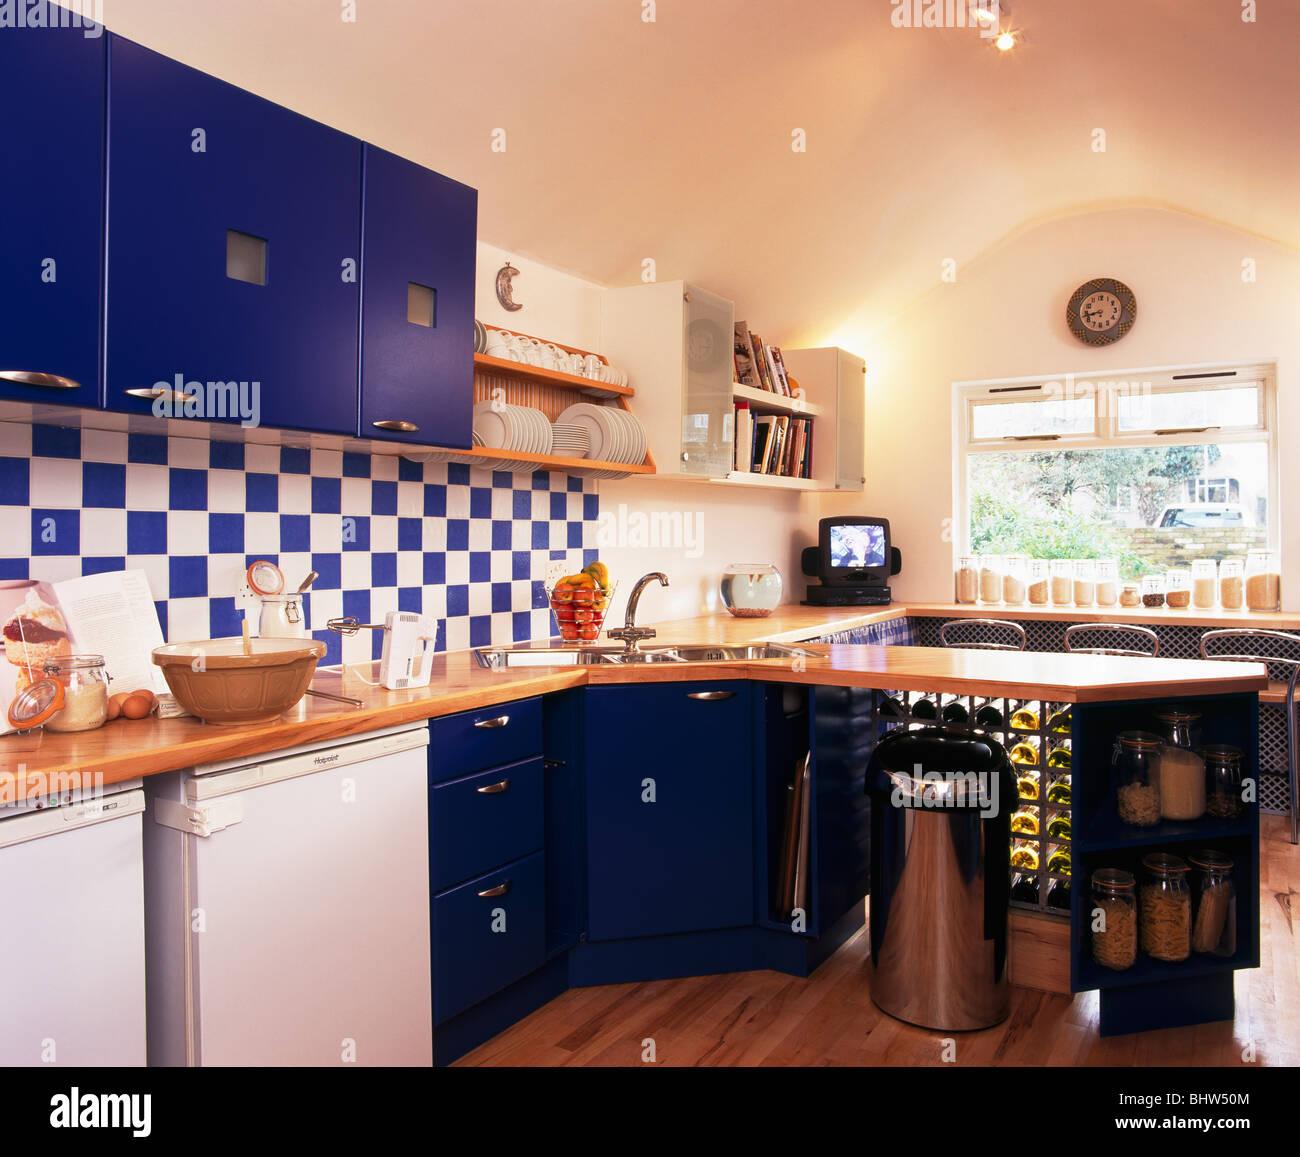 Blaue Weisse Wandfliesen In Moderne Kuche Mit Blauen Einbauschranke